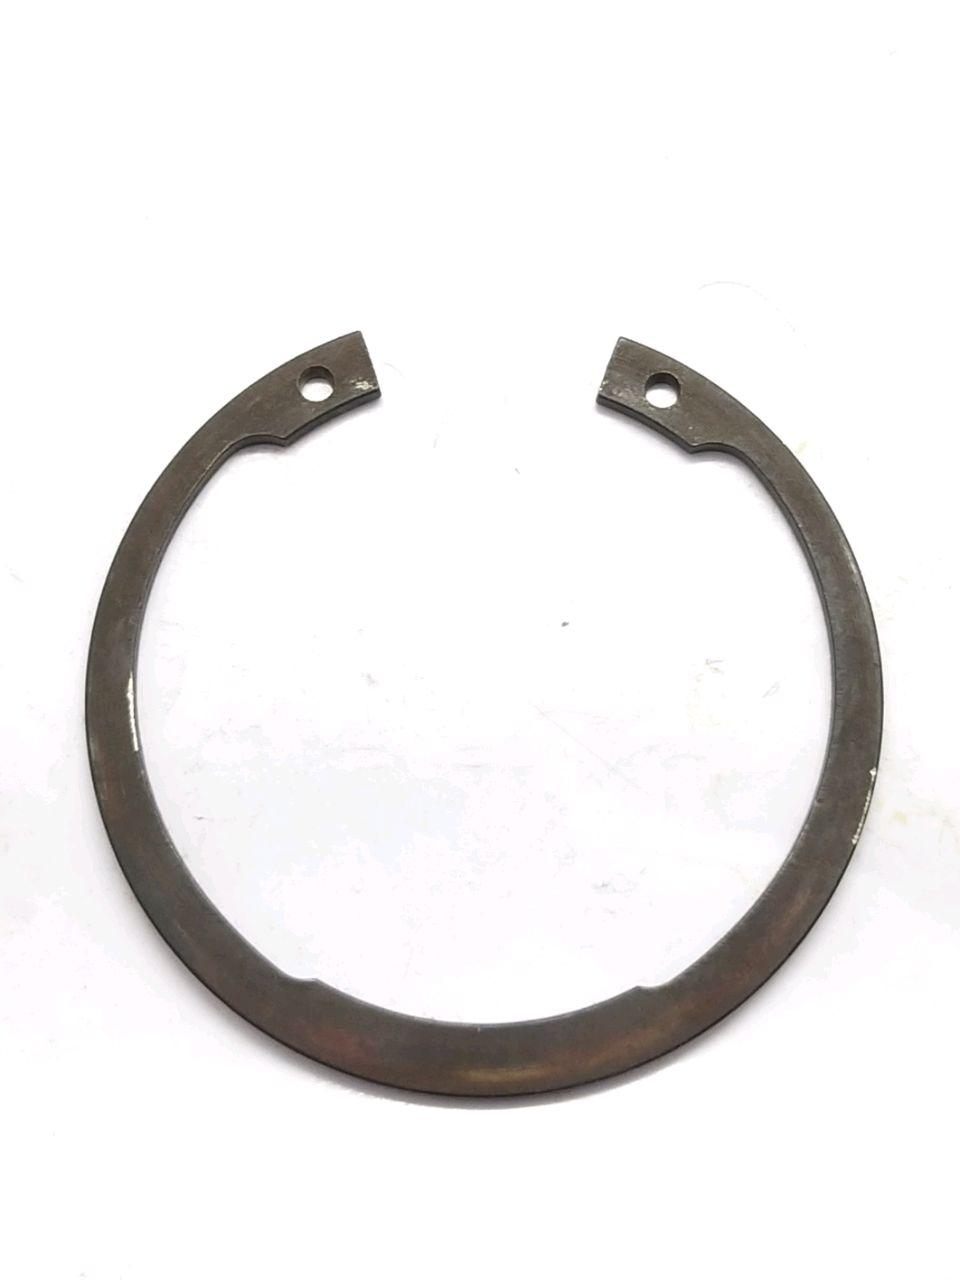 Inel de siguranţă (D=80,A80G-13942)